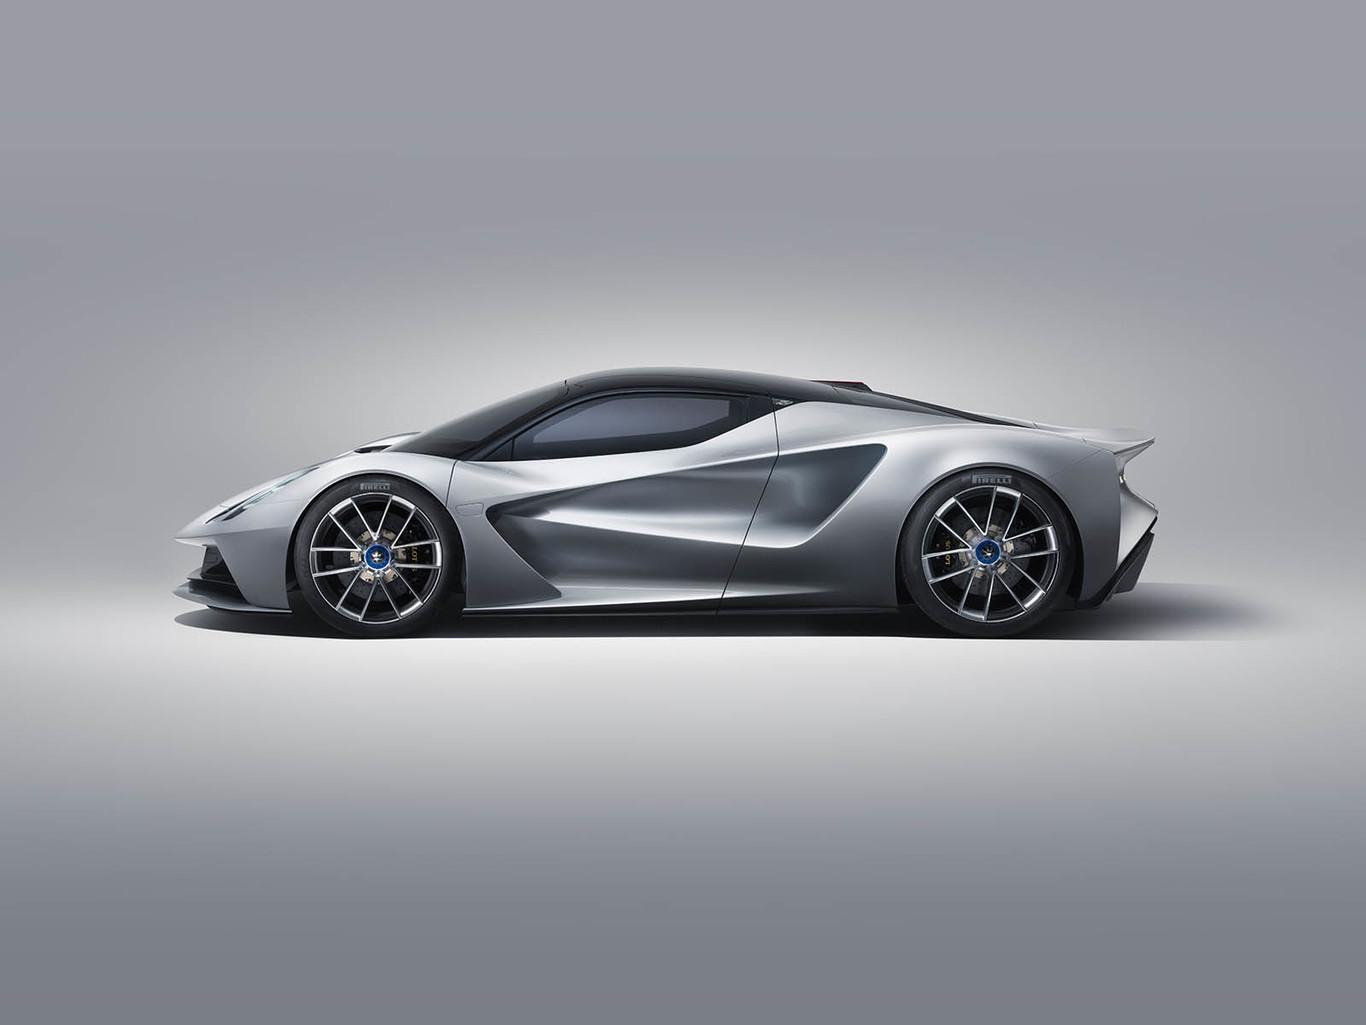 Vídeo: El Lotus Evija de 2.000 CV y tracción total se mueve así de bien en circuito